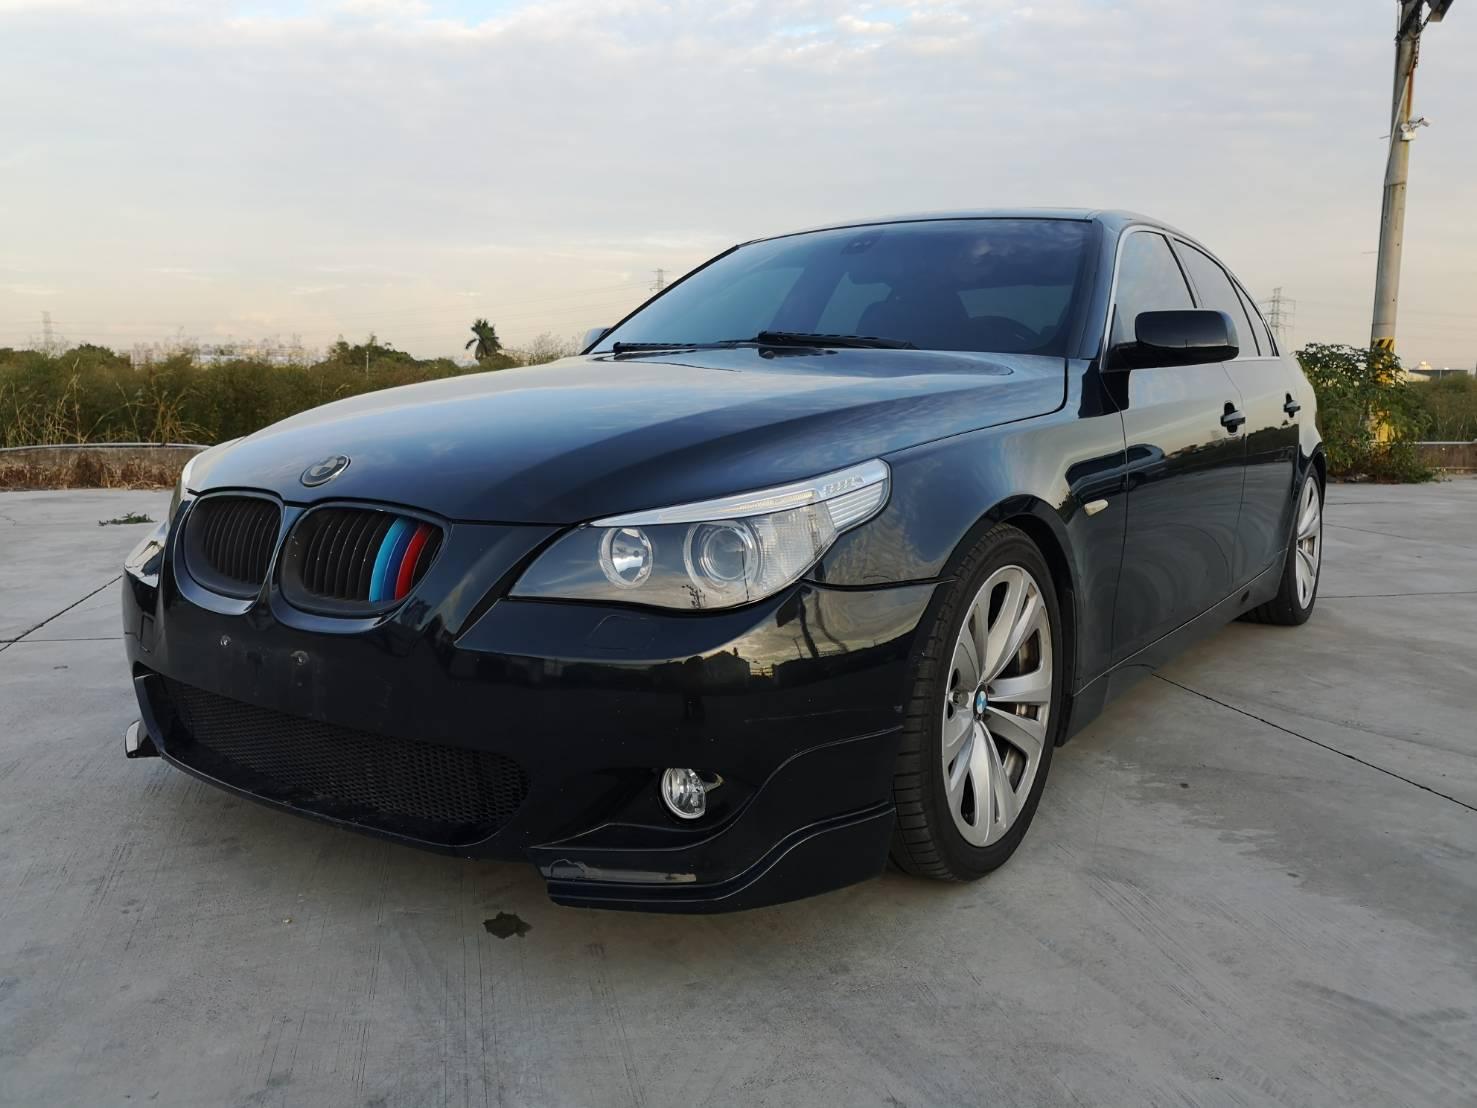 2004 BMW 寶馬 其他